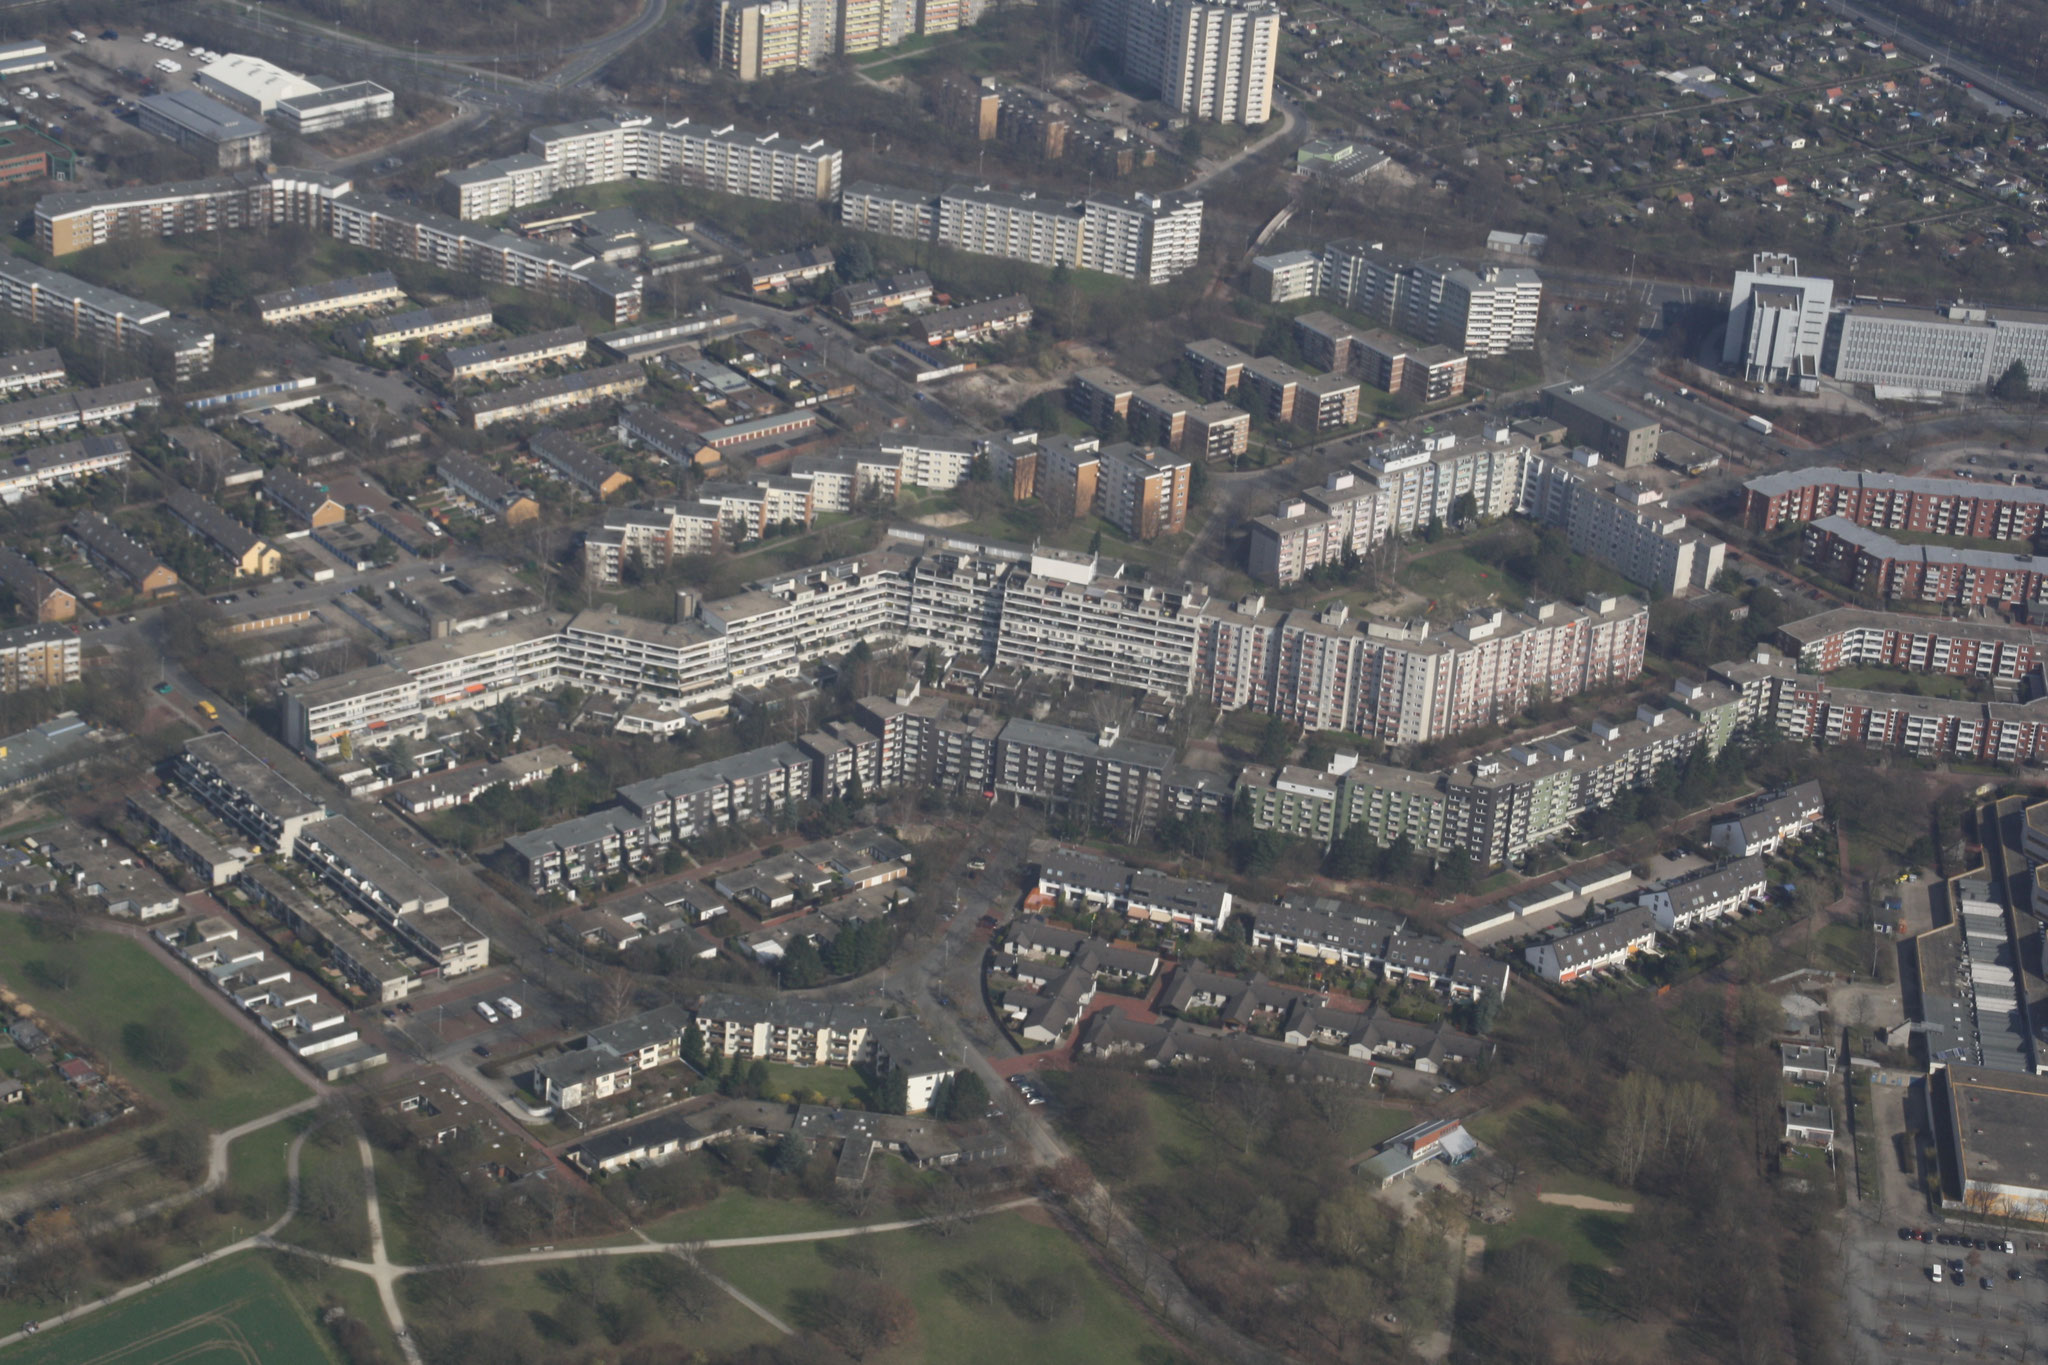 Luftaufnahme 2 2012 ©J. Kluge